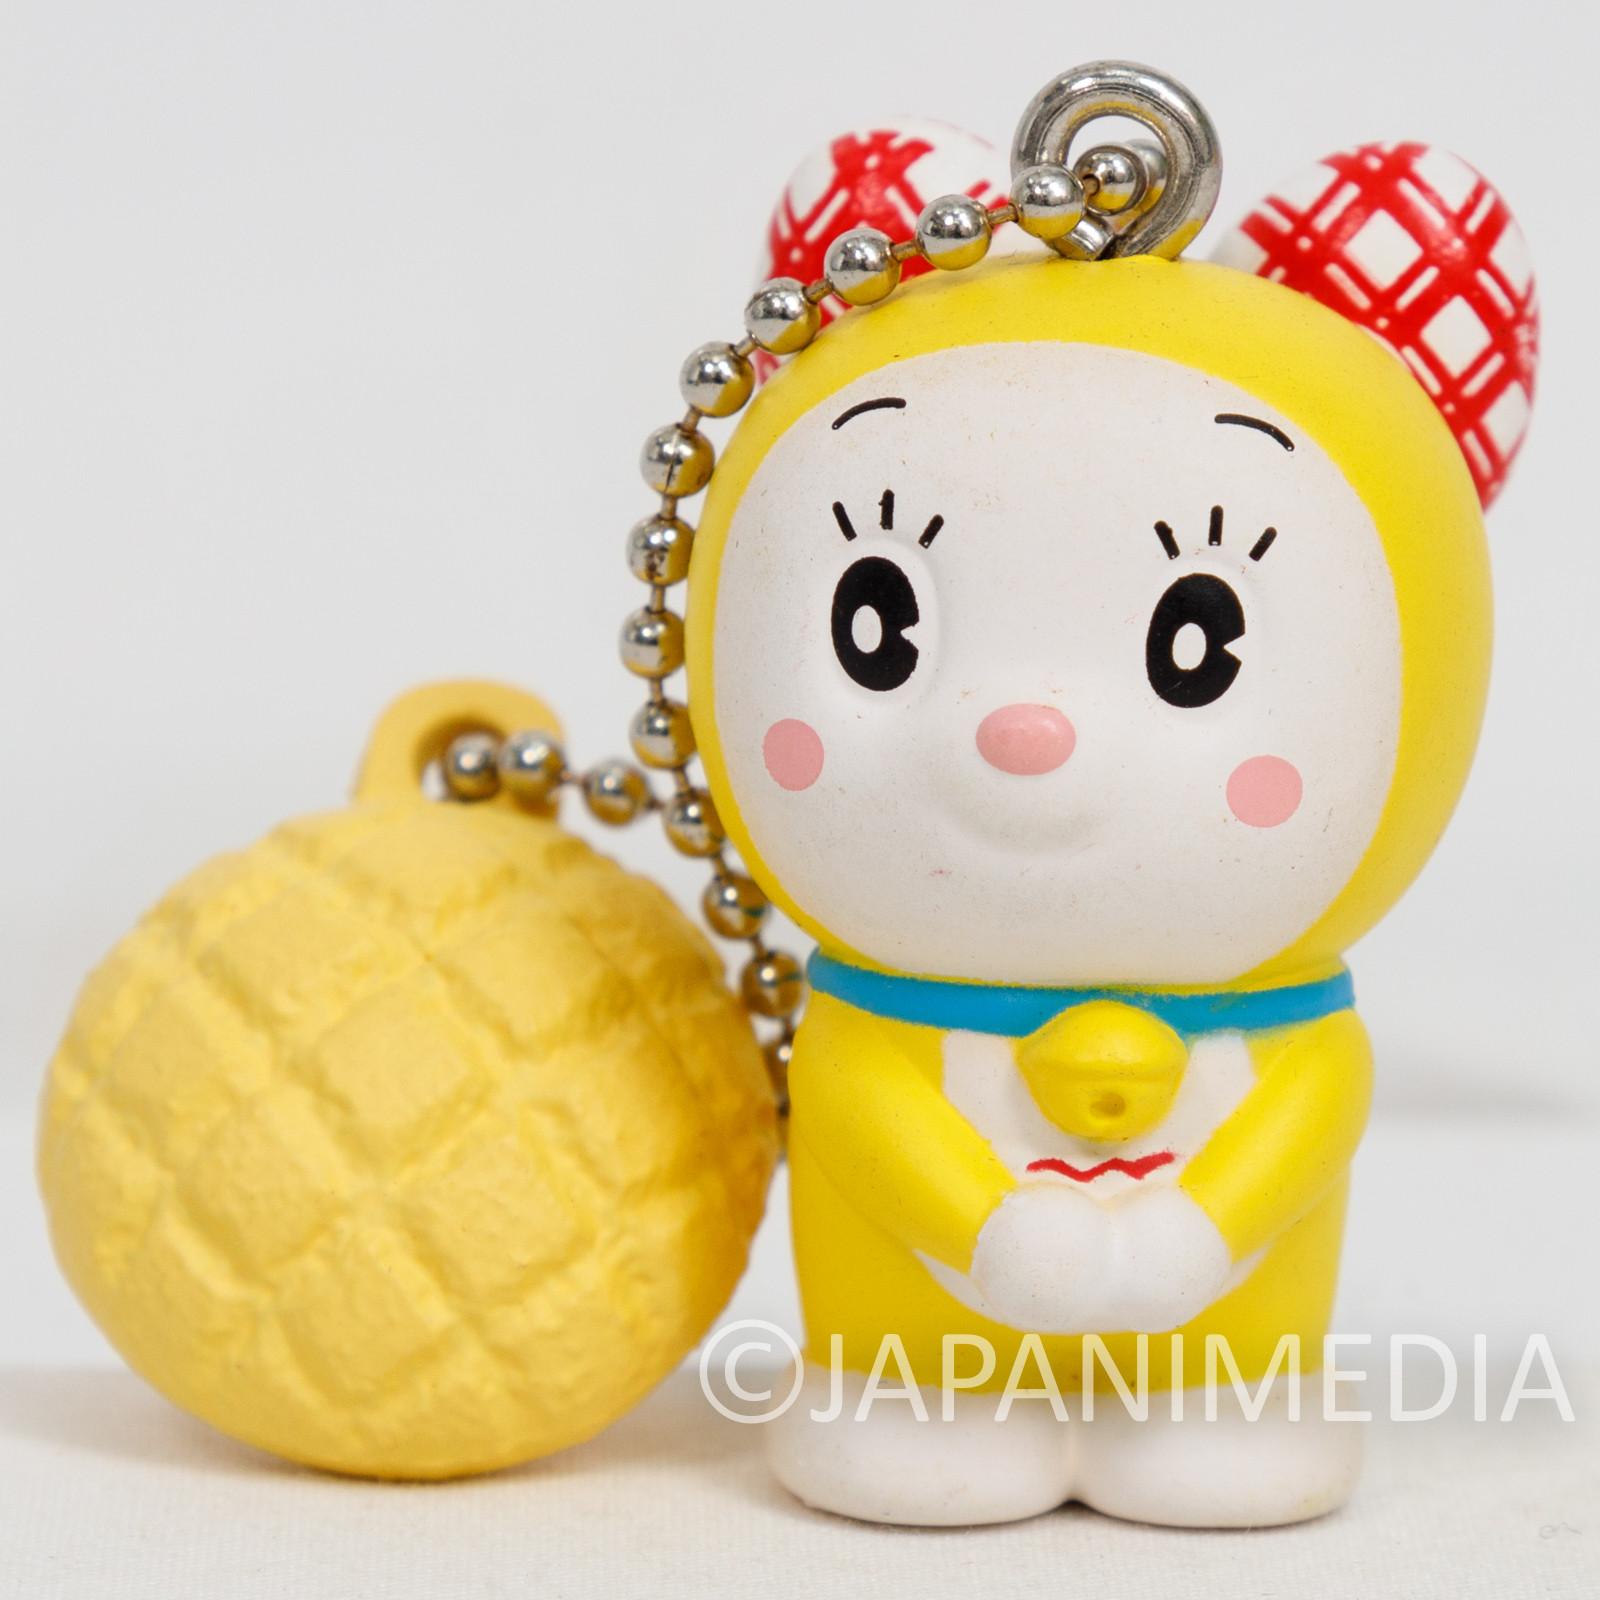 Draemon Dorami with Melon Bread Figure Mascot Ballchain Fujiko F Fujio JAPAN